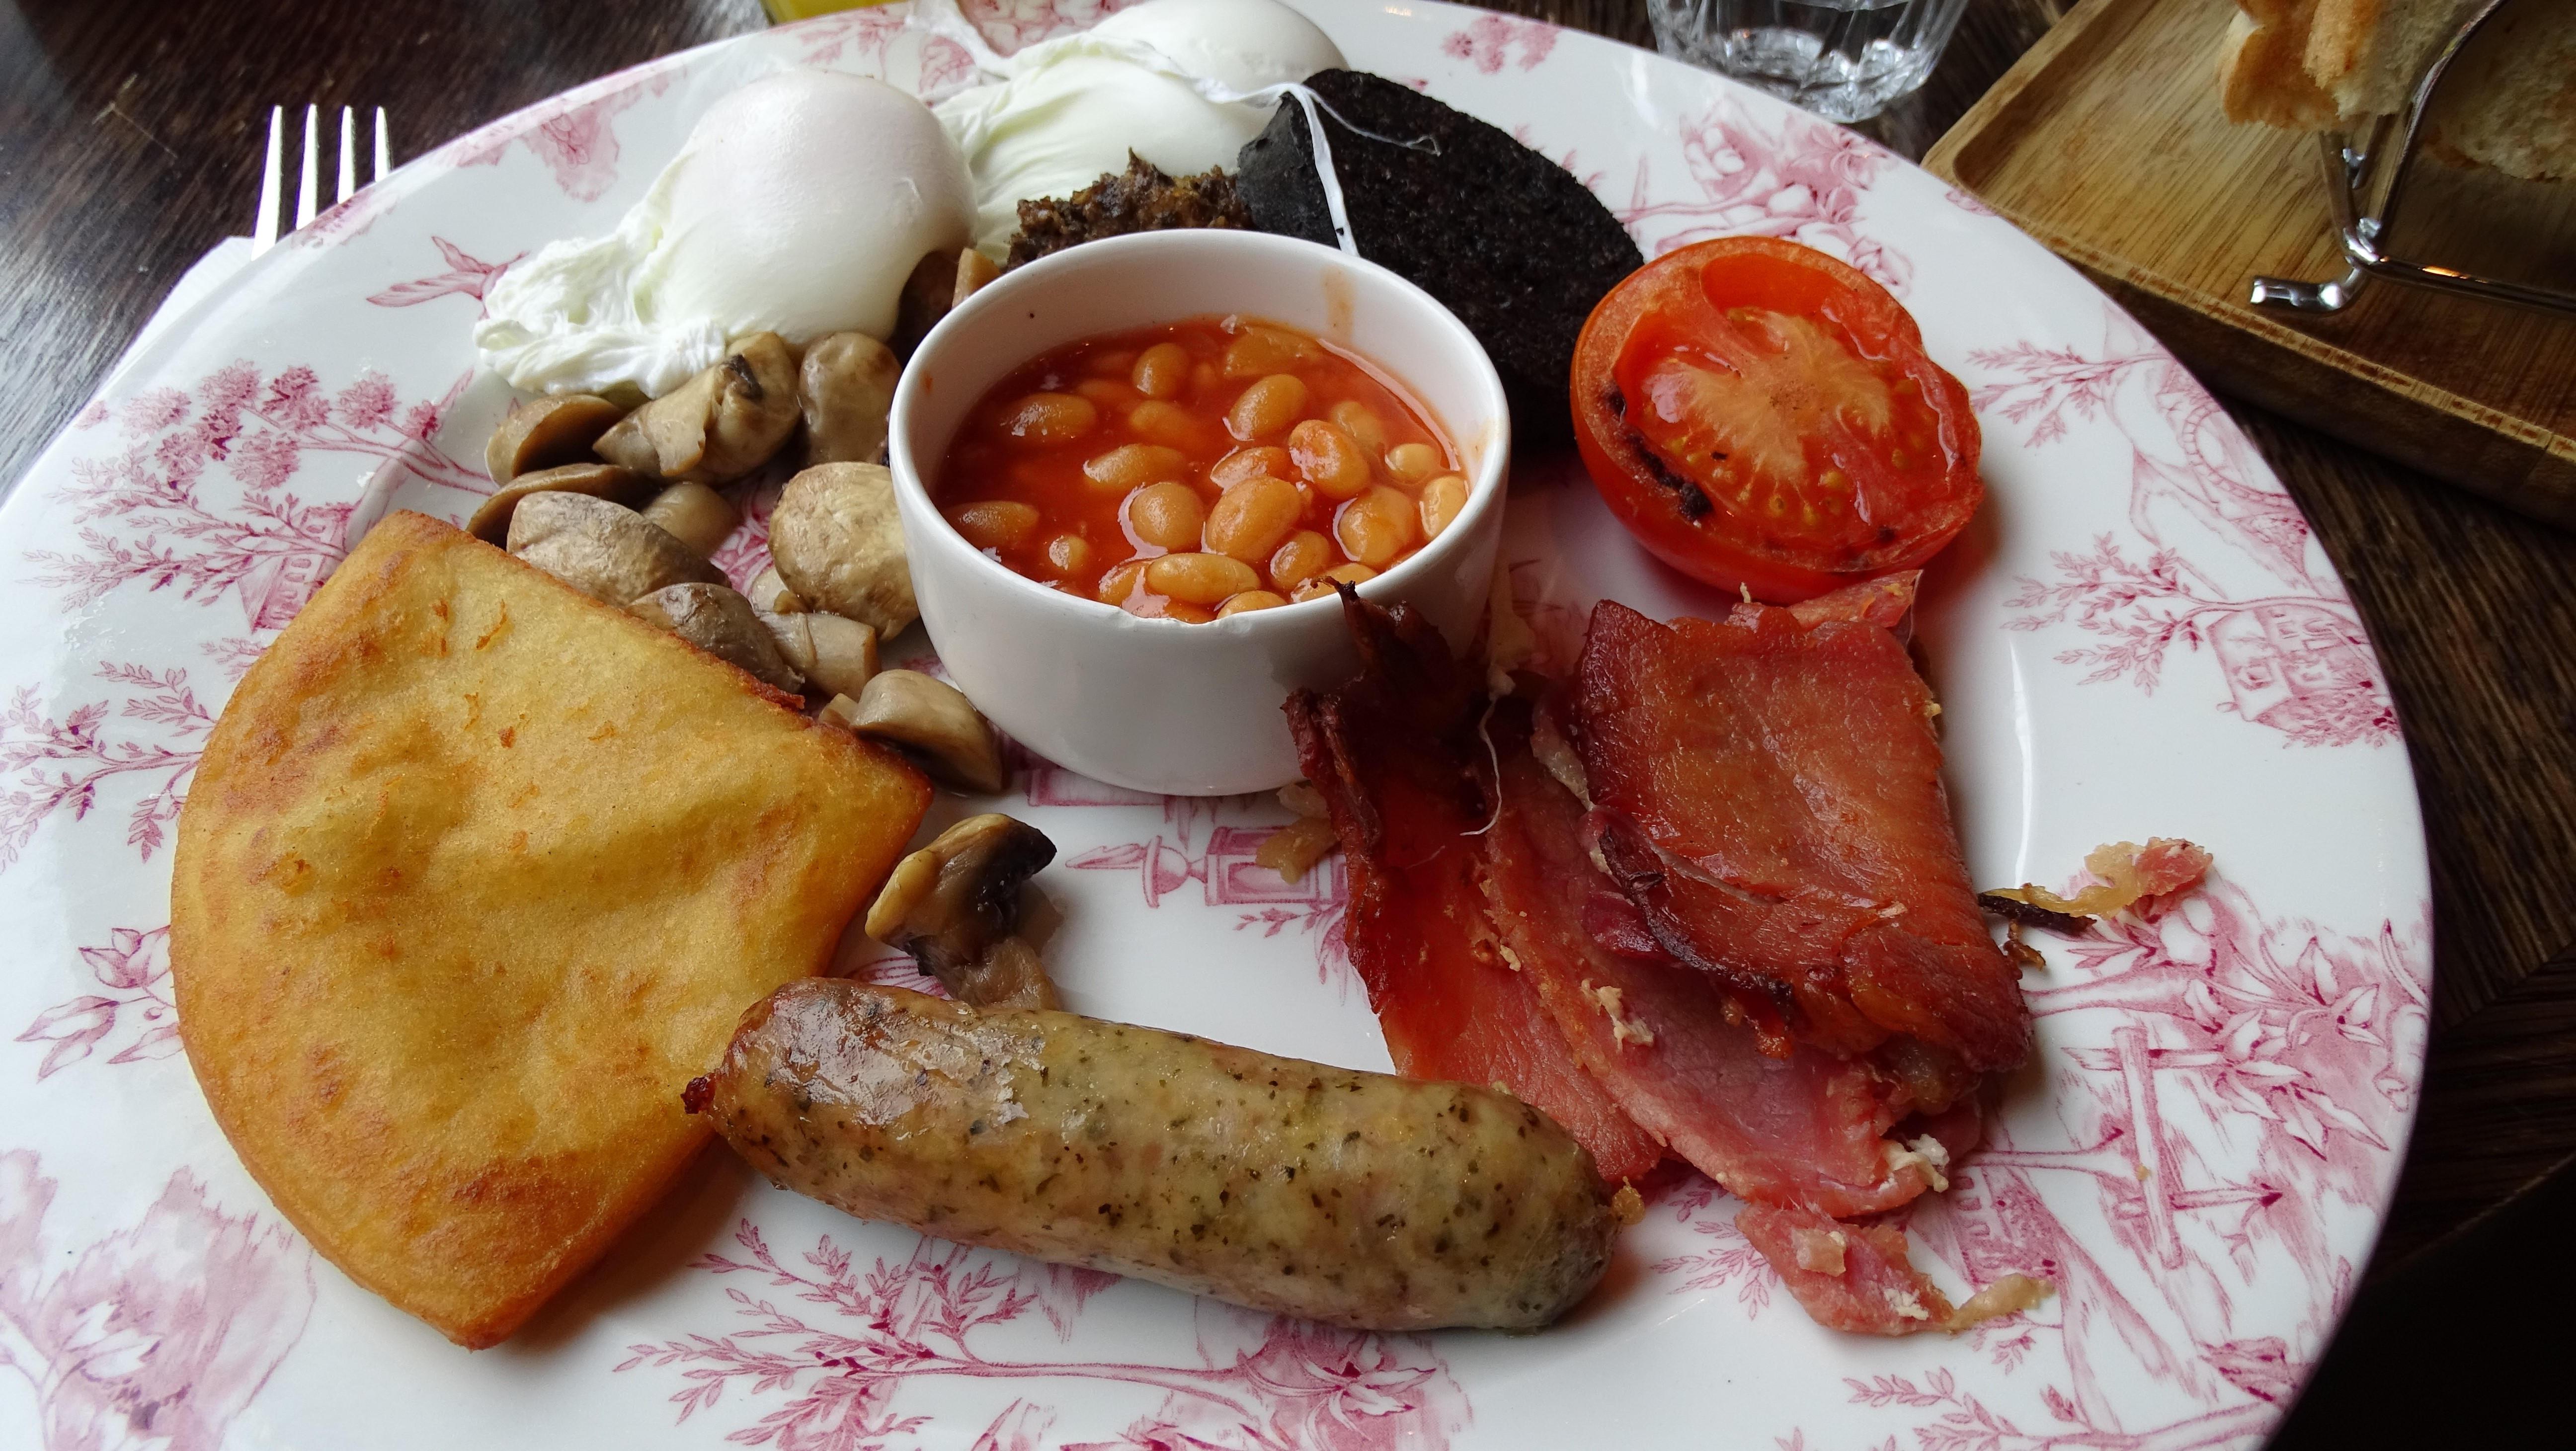 Edinburghban kaptuk ezt a pompás tálat a Montpeliers nevű helyen. Melegen ajánljuk mindenkinek - a helyet és a skót reggelit is.